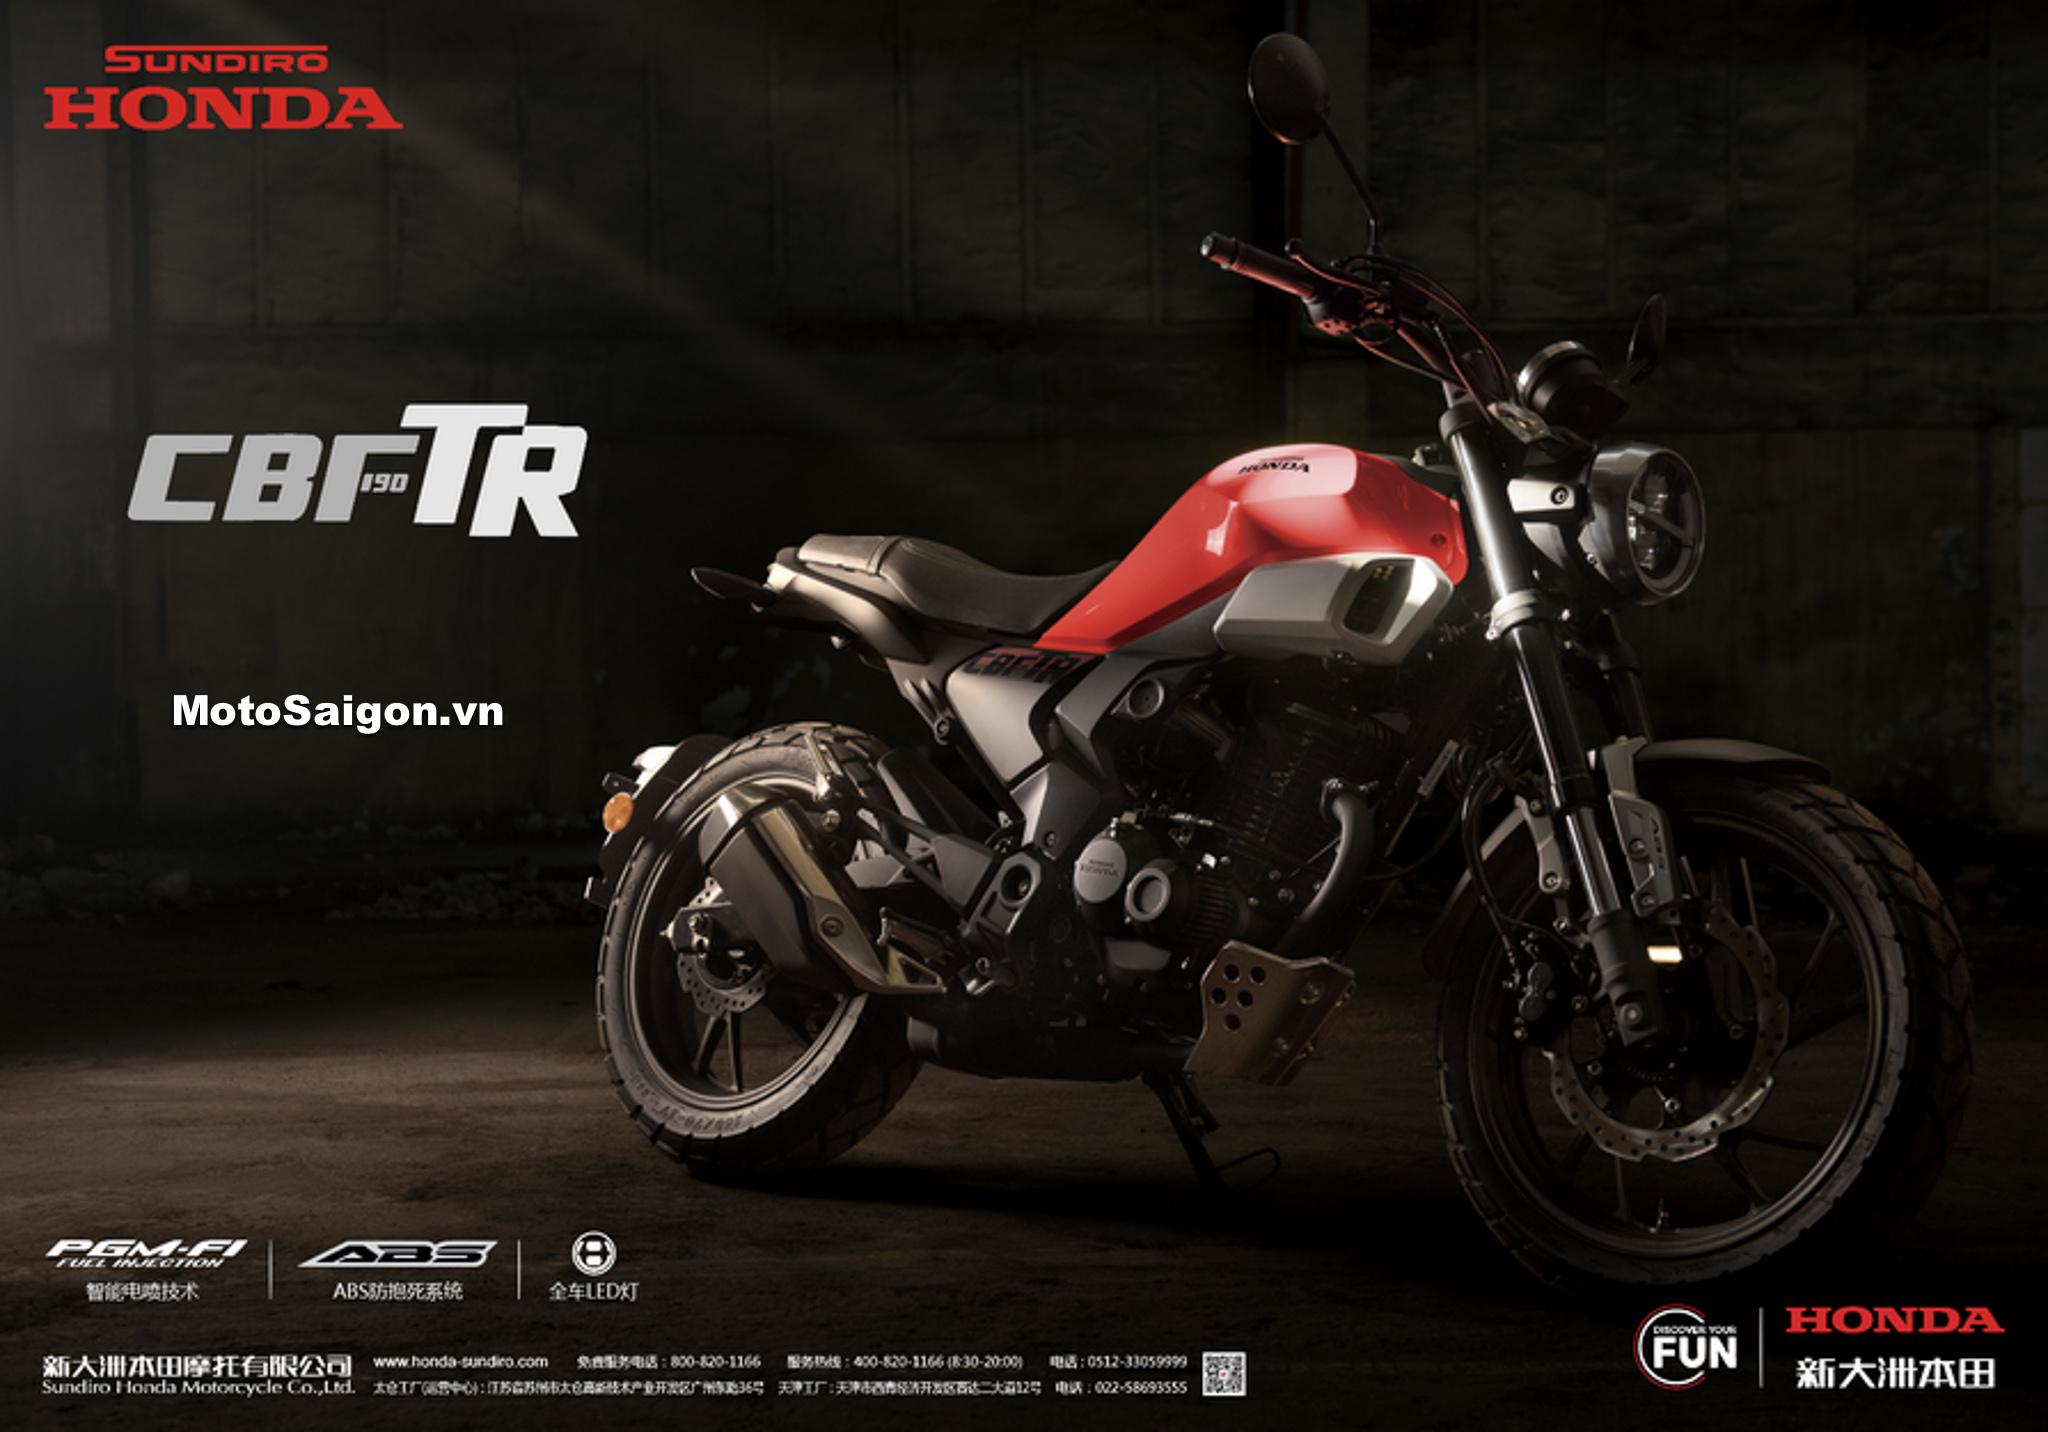 Honda CBF190 TR mẫu Retro giá rẻ có khiến XSR155 lo lắng?